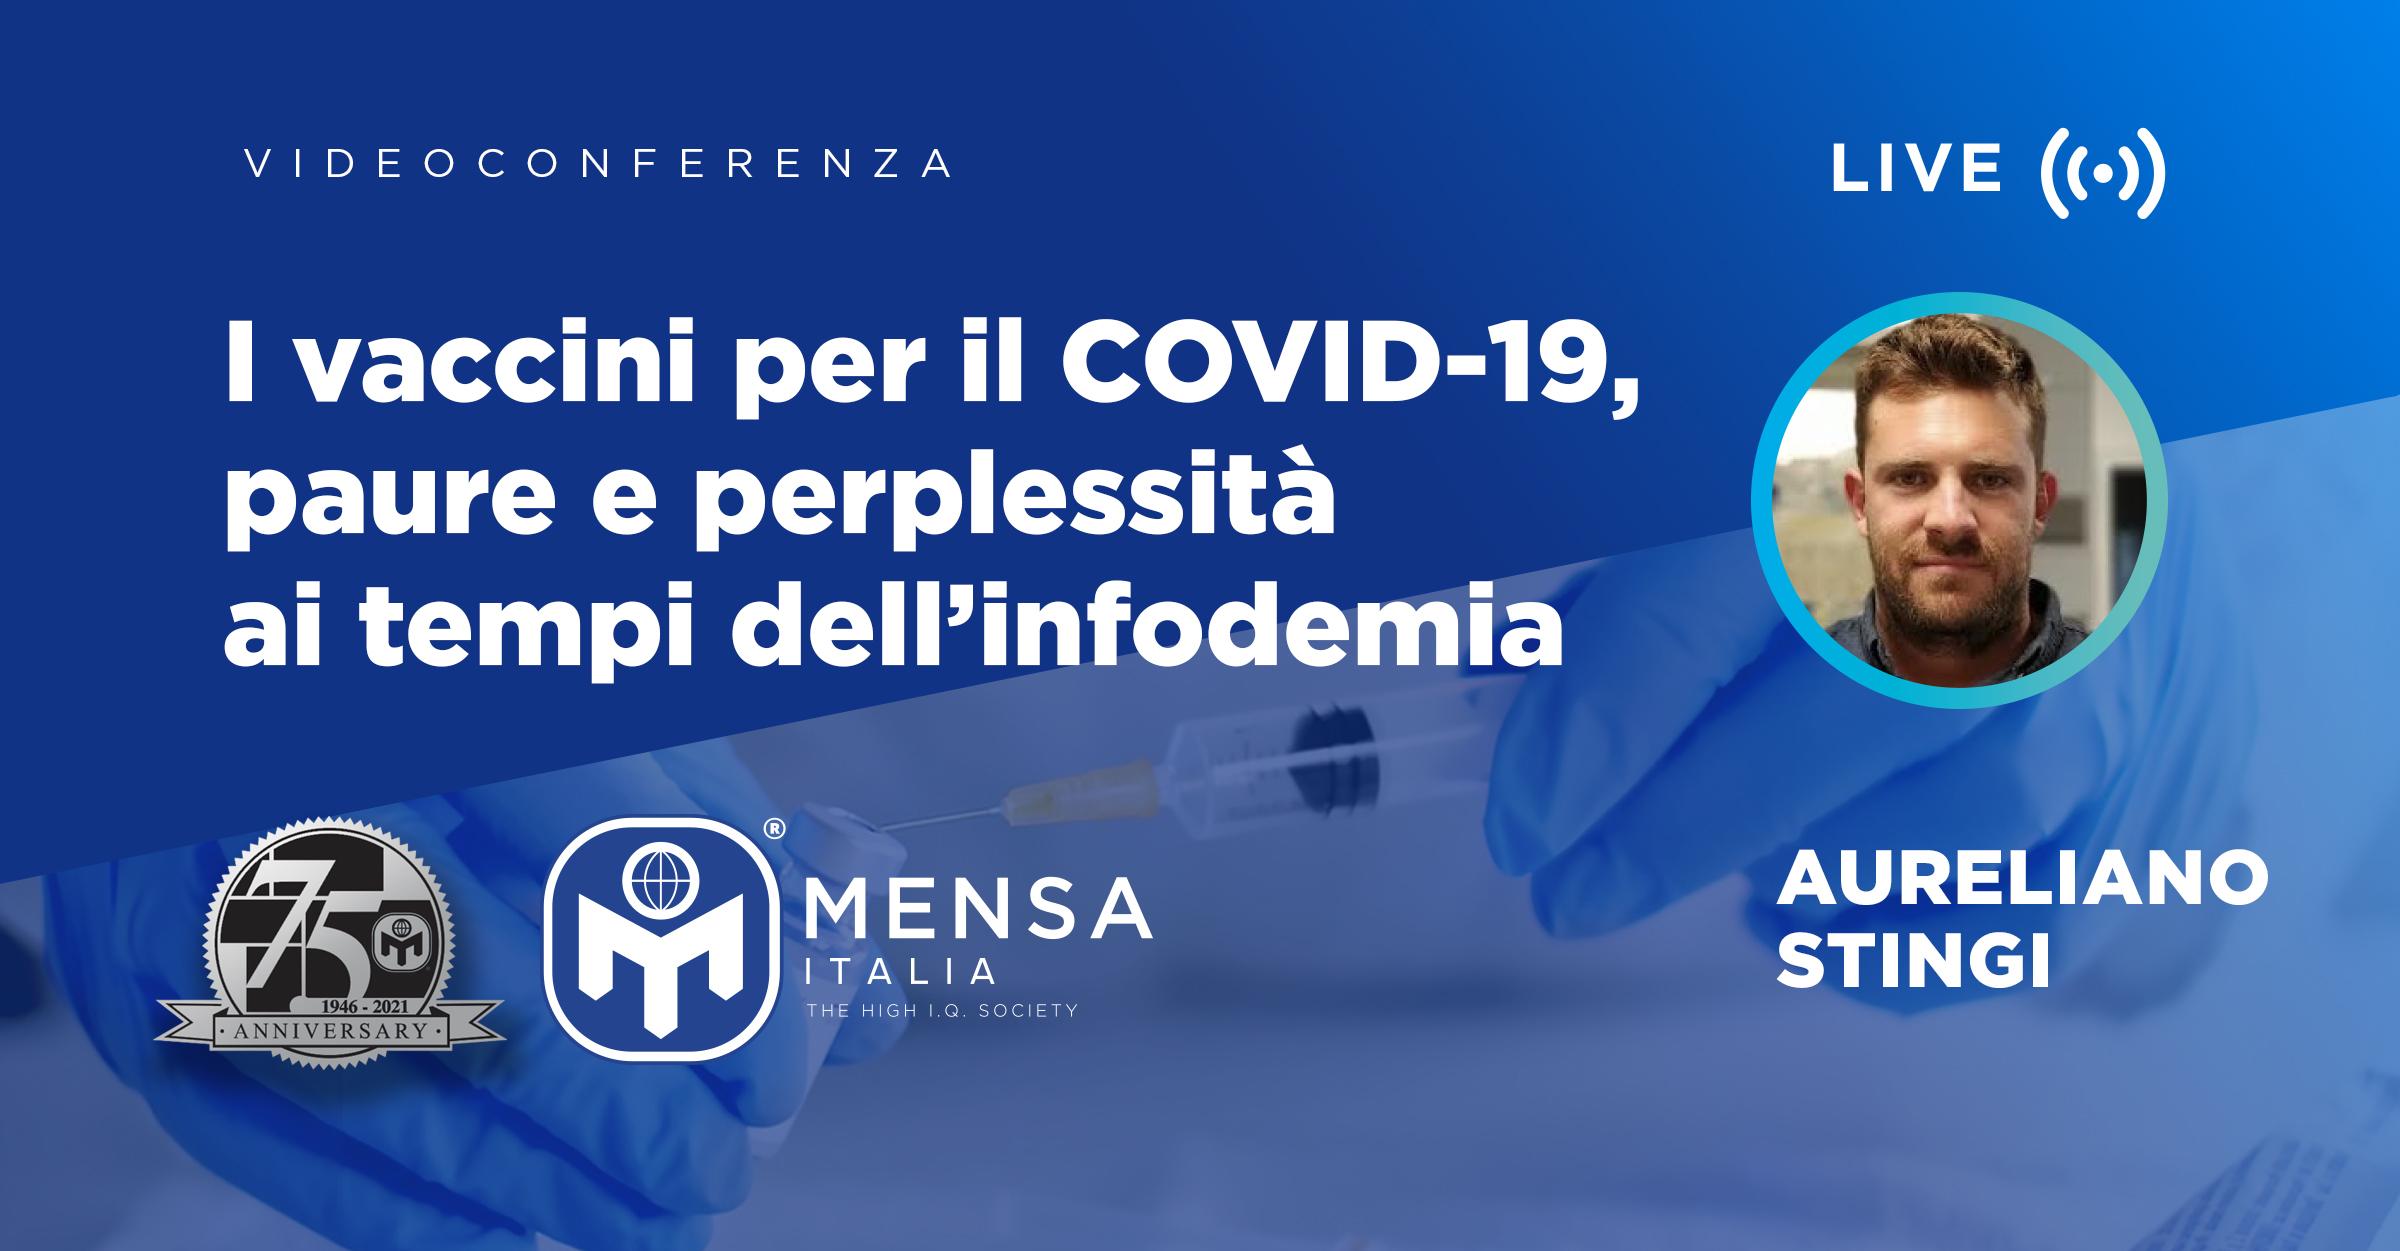 21 Ottobre: I vaccini per  il COVID-19 – paure e perplessità  ai tempi dell'infodemia